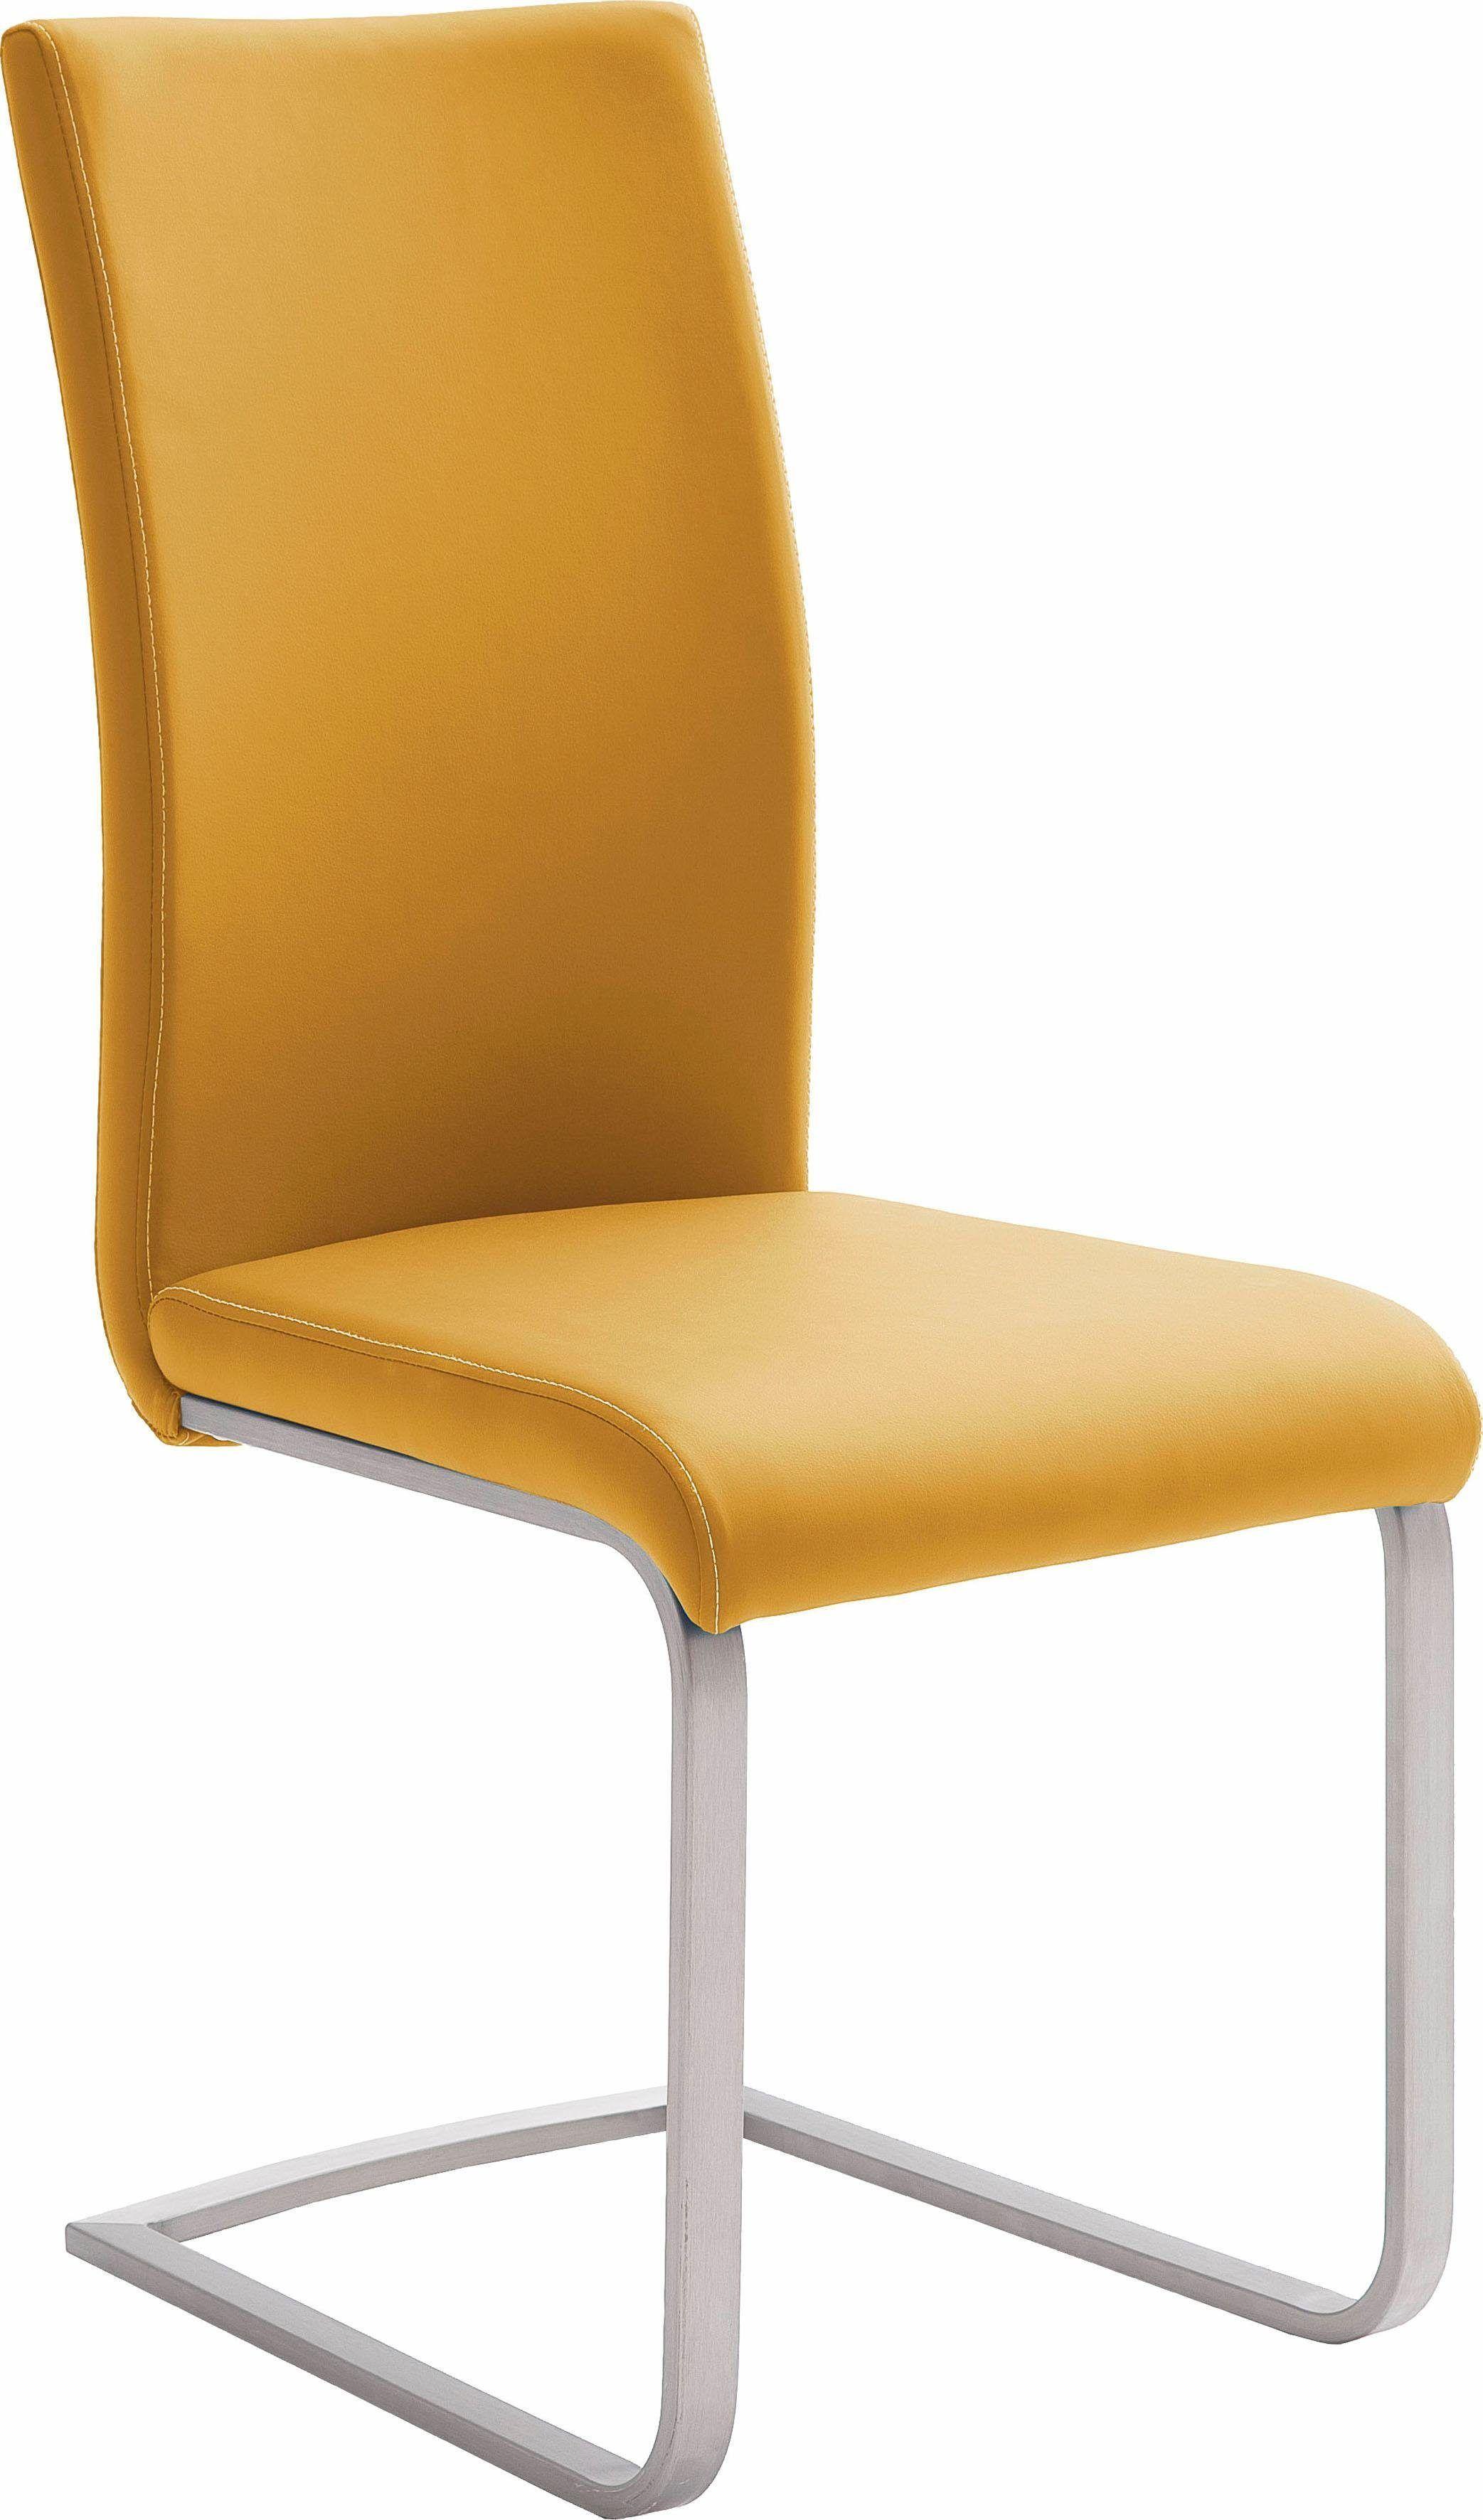 Stuhl gelb pflegeleichtes Kunstleder yourhome Jetzt bestellen unter